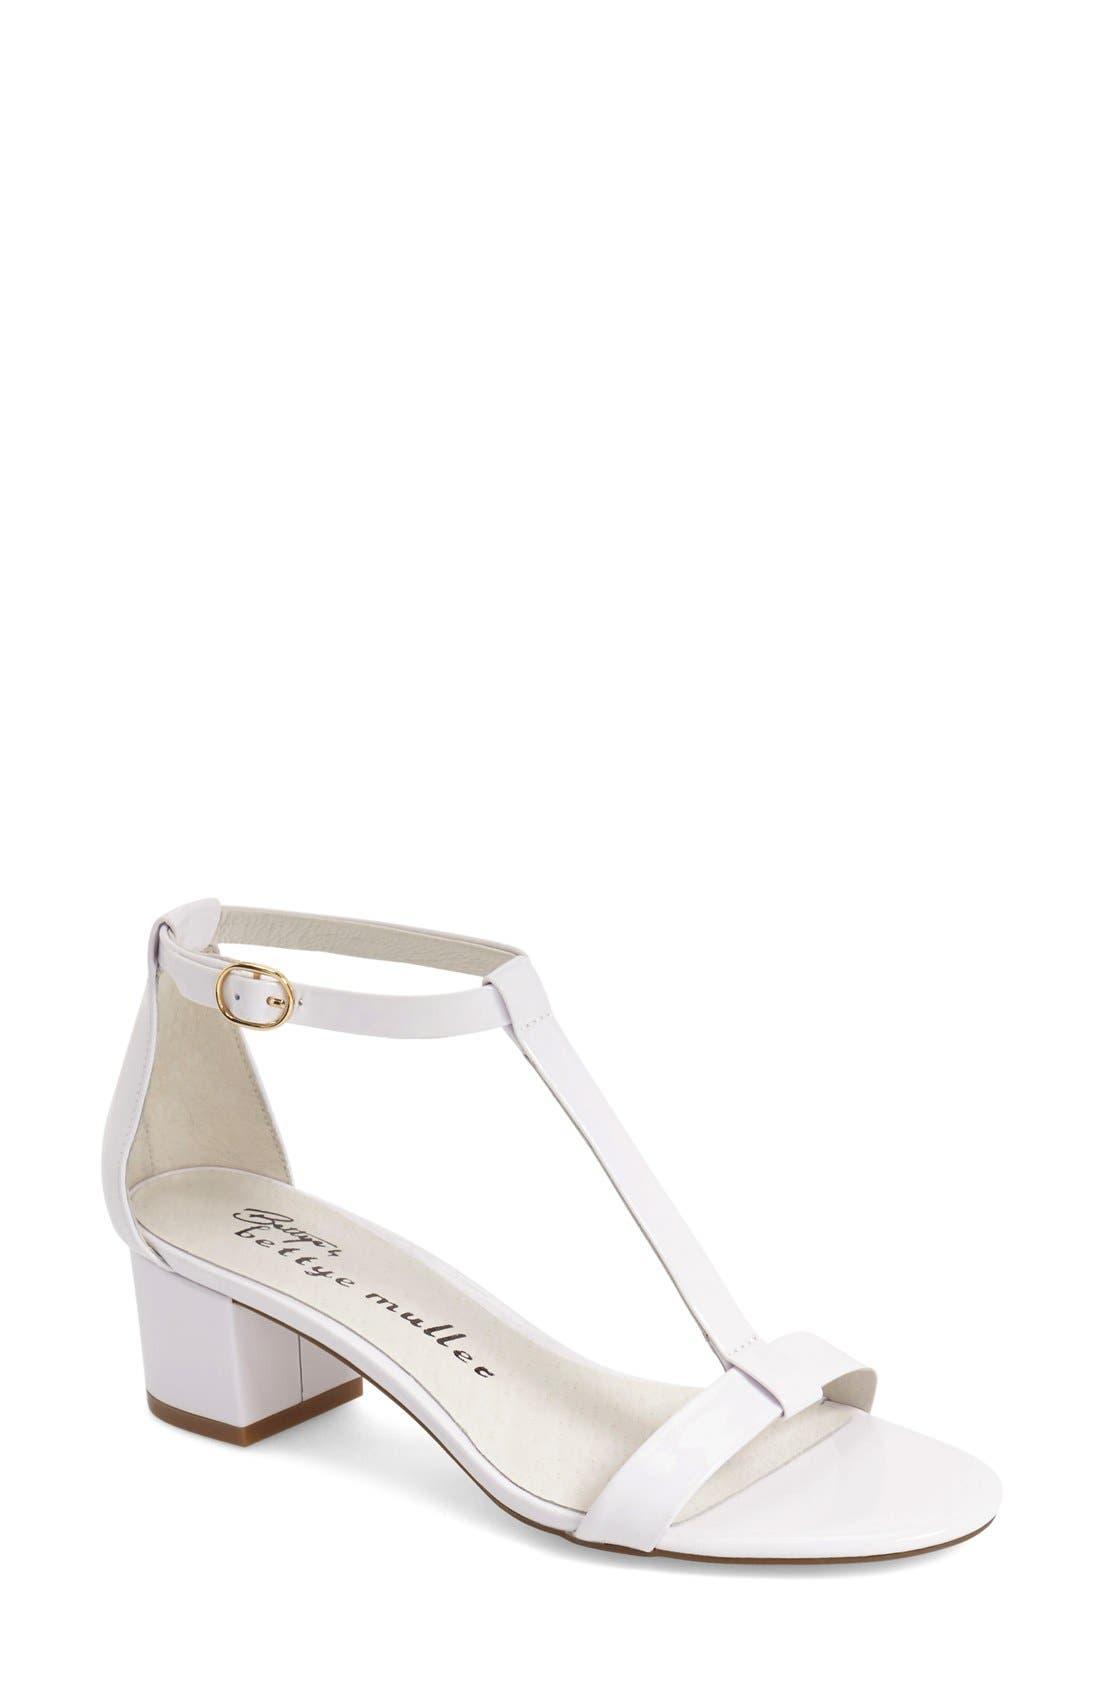 Alternate Image 1 Selected - Bettye by Bettye Muller 'Boutique' Sandal (Women)